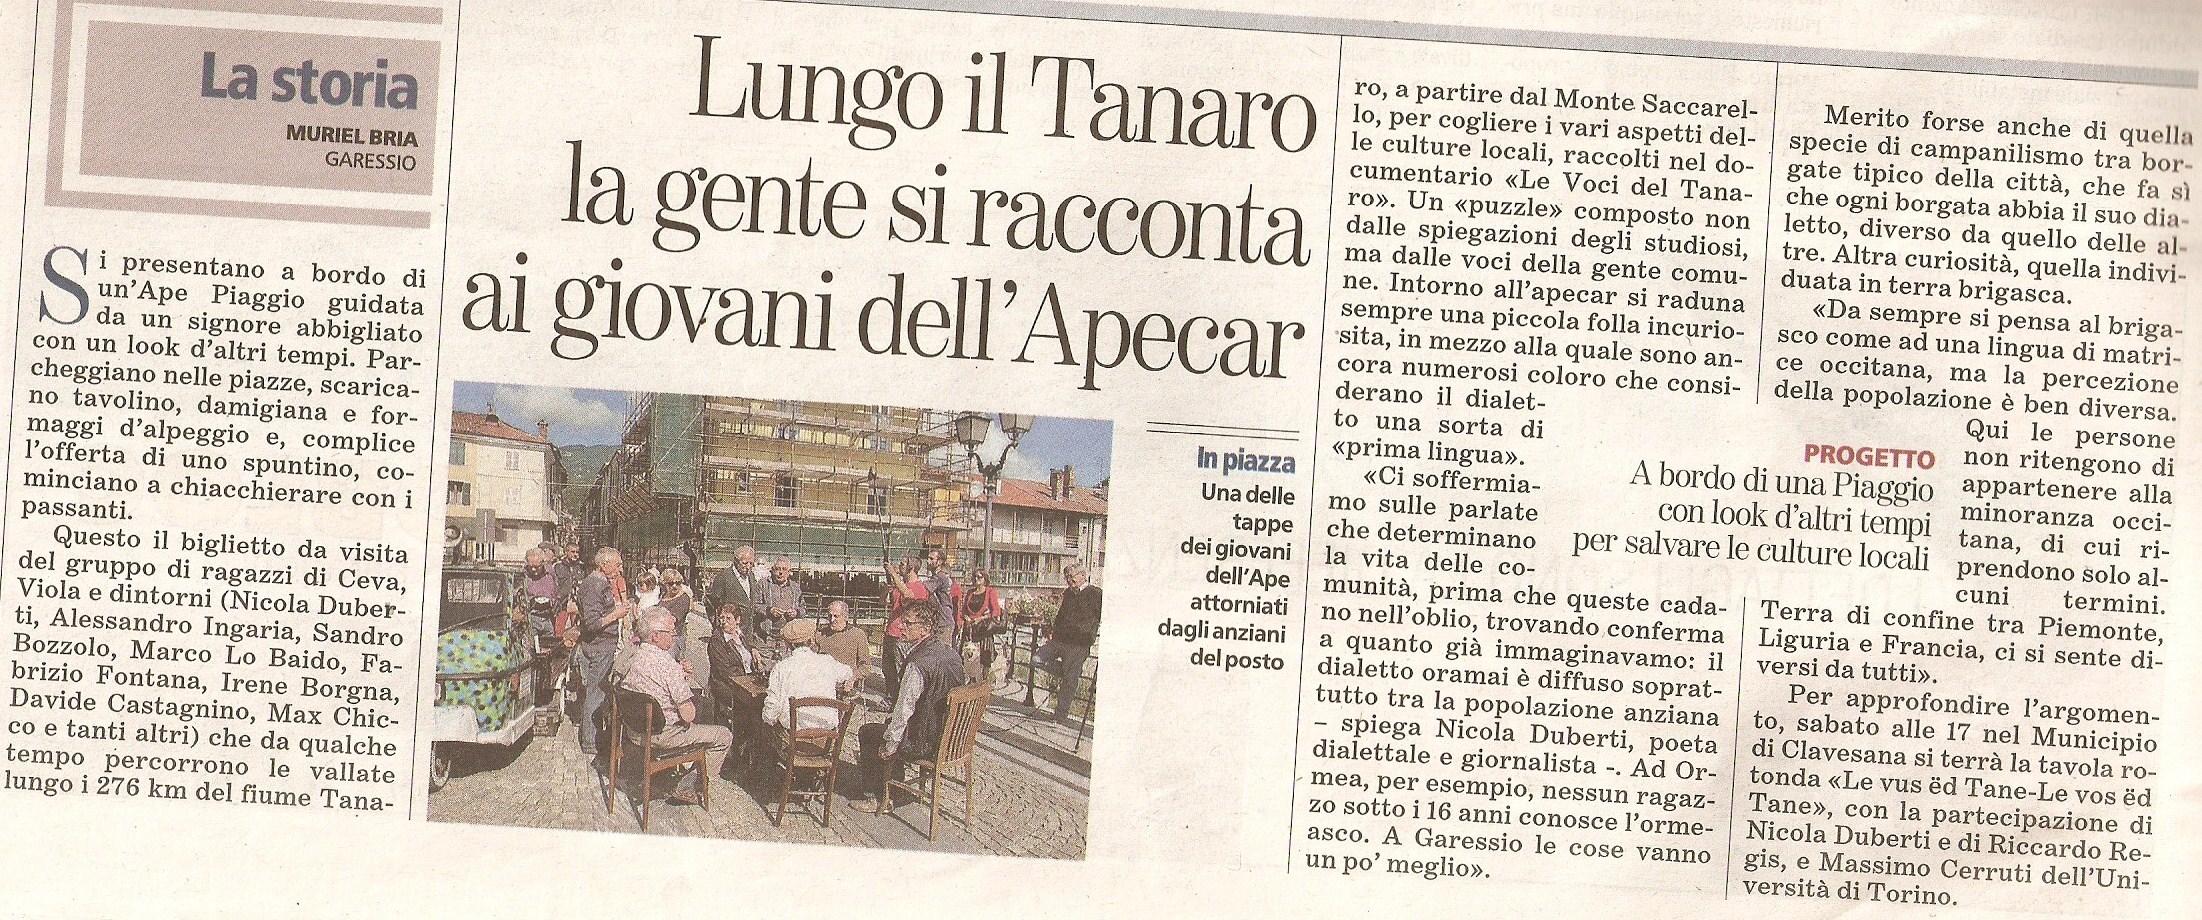 """Muriel Bria, """"La Stampa"""", 2 agosto 2011"""